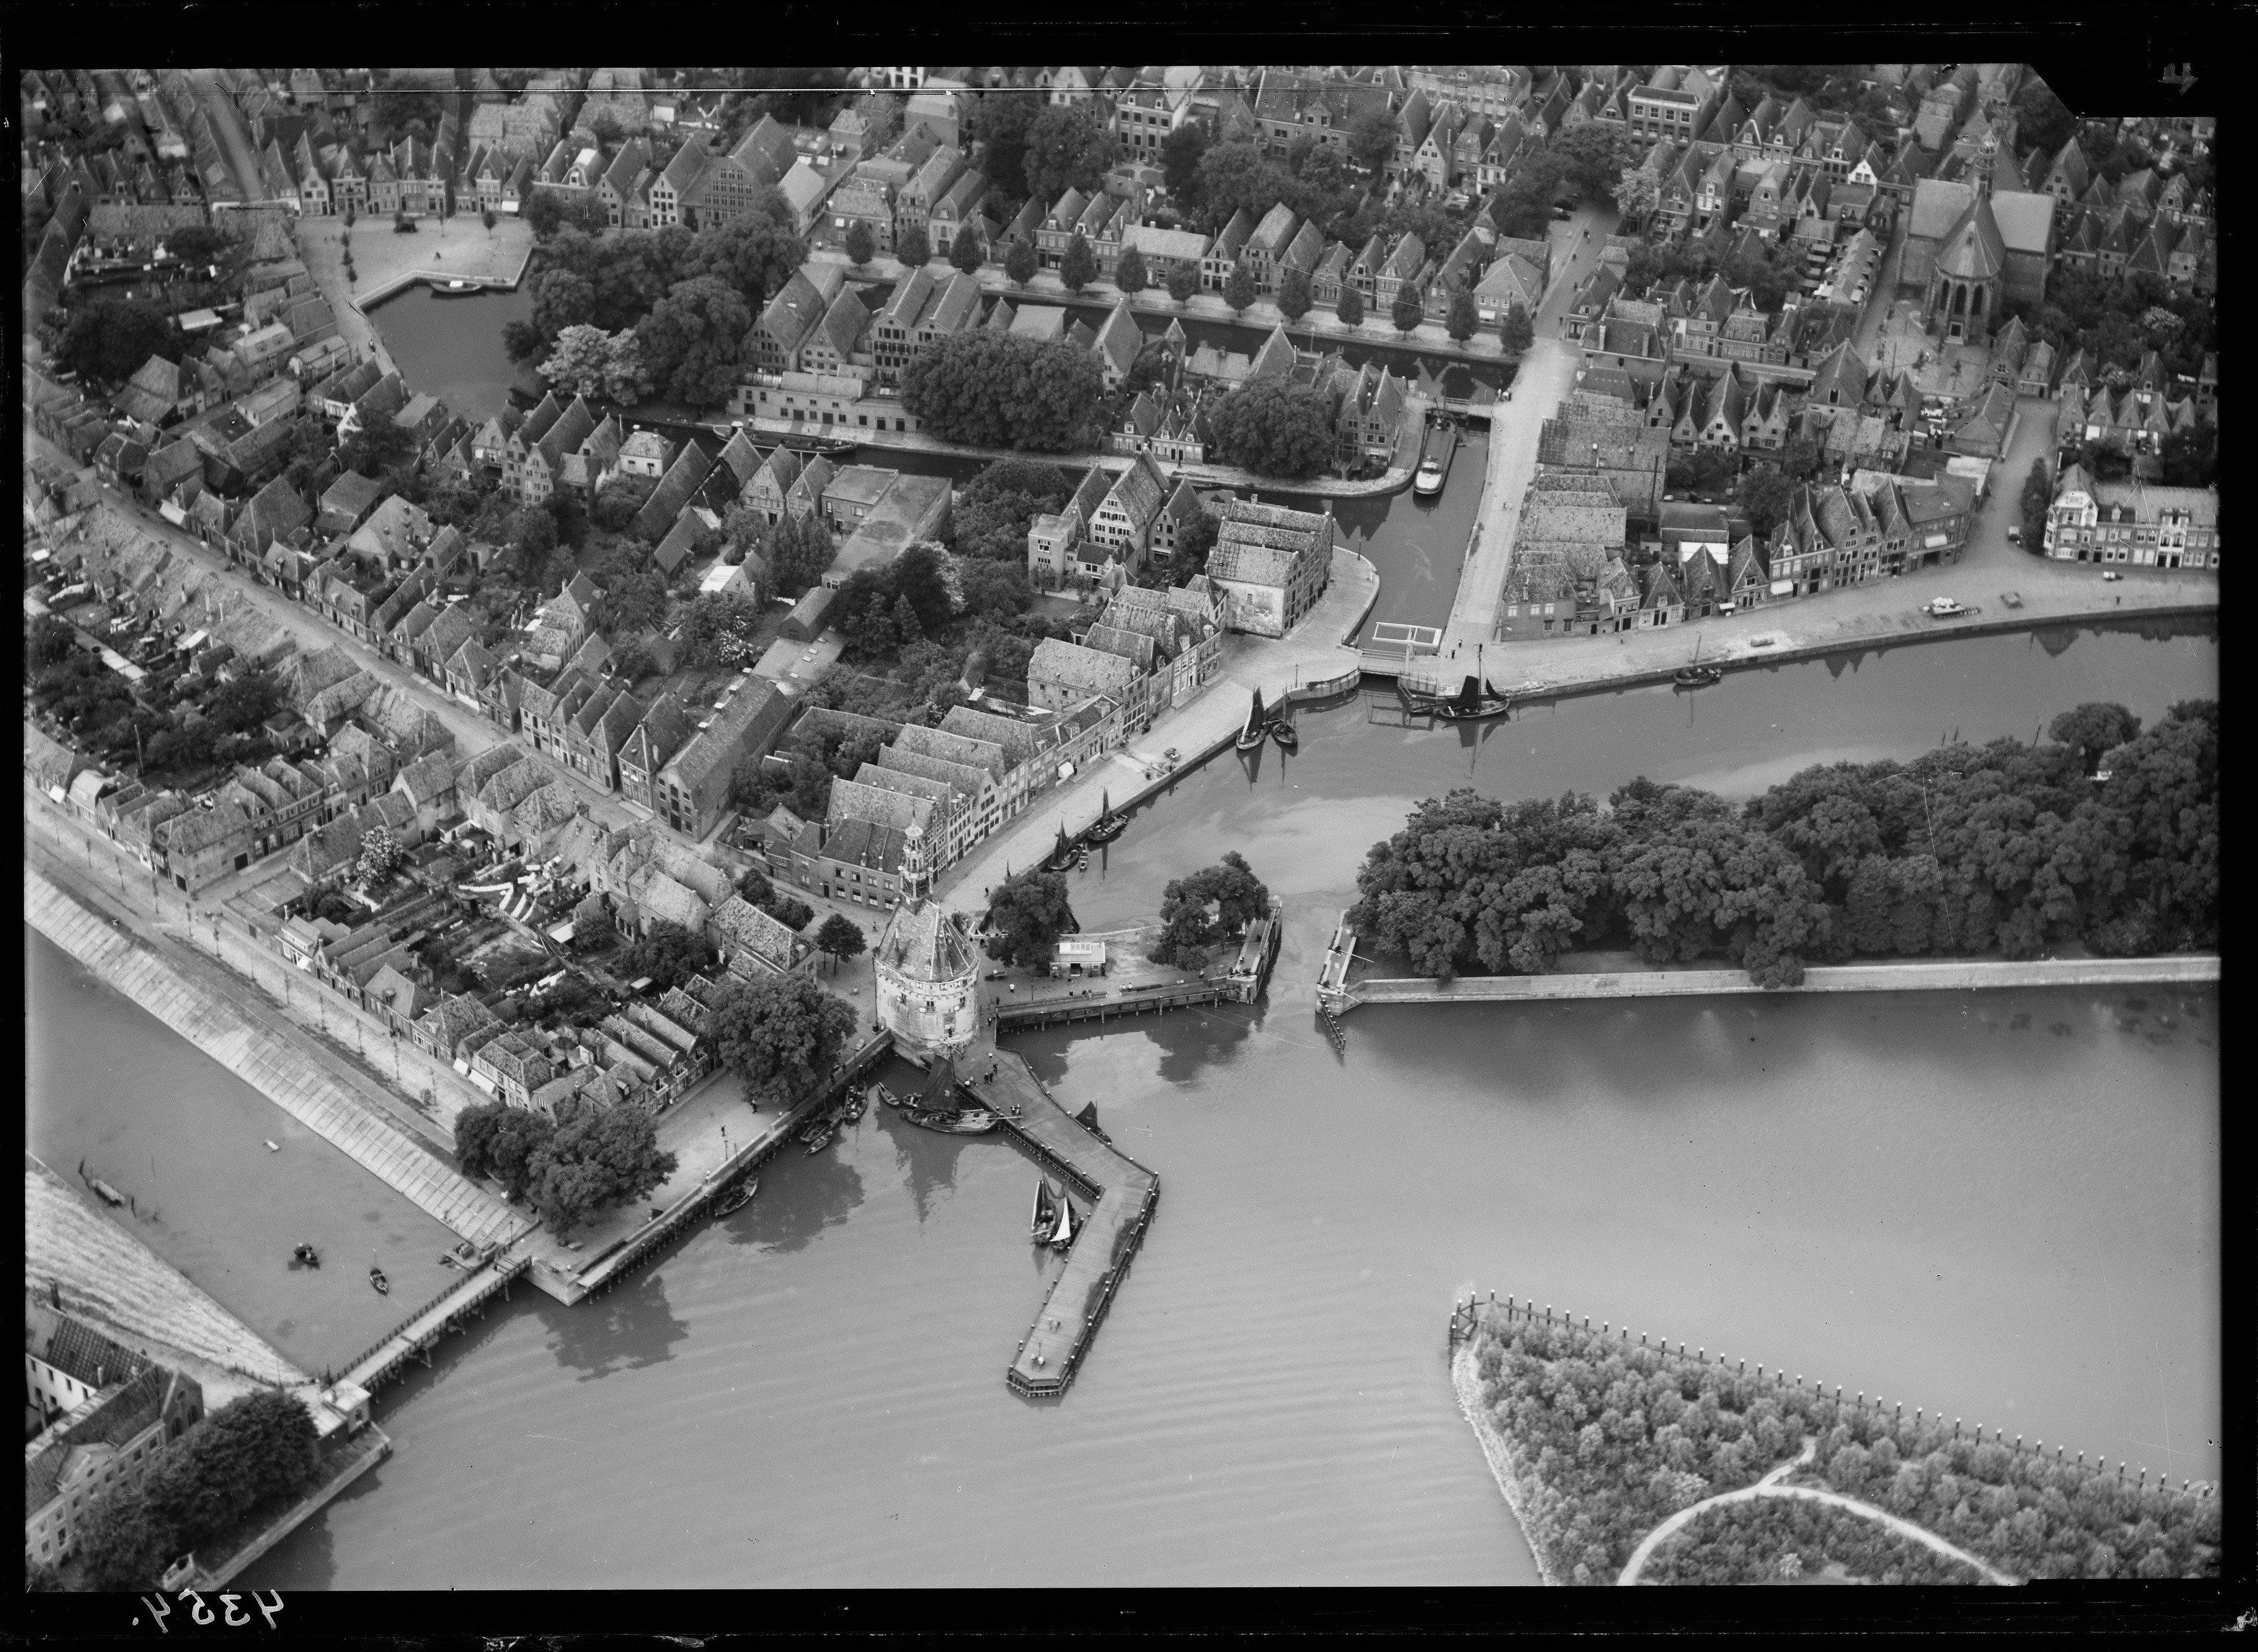 Vroeger: Serie luchtfoto's van Hoorn 1920-1940